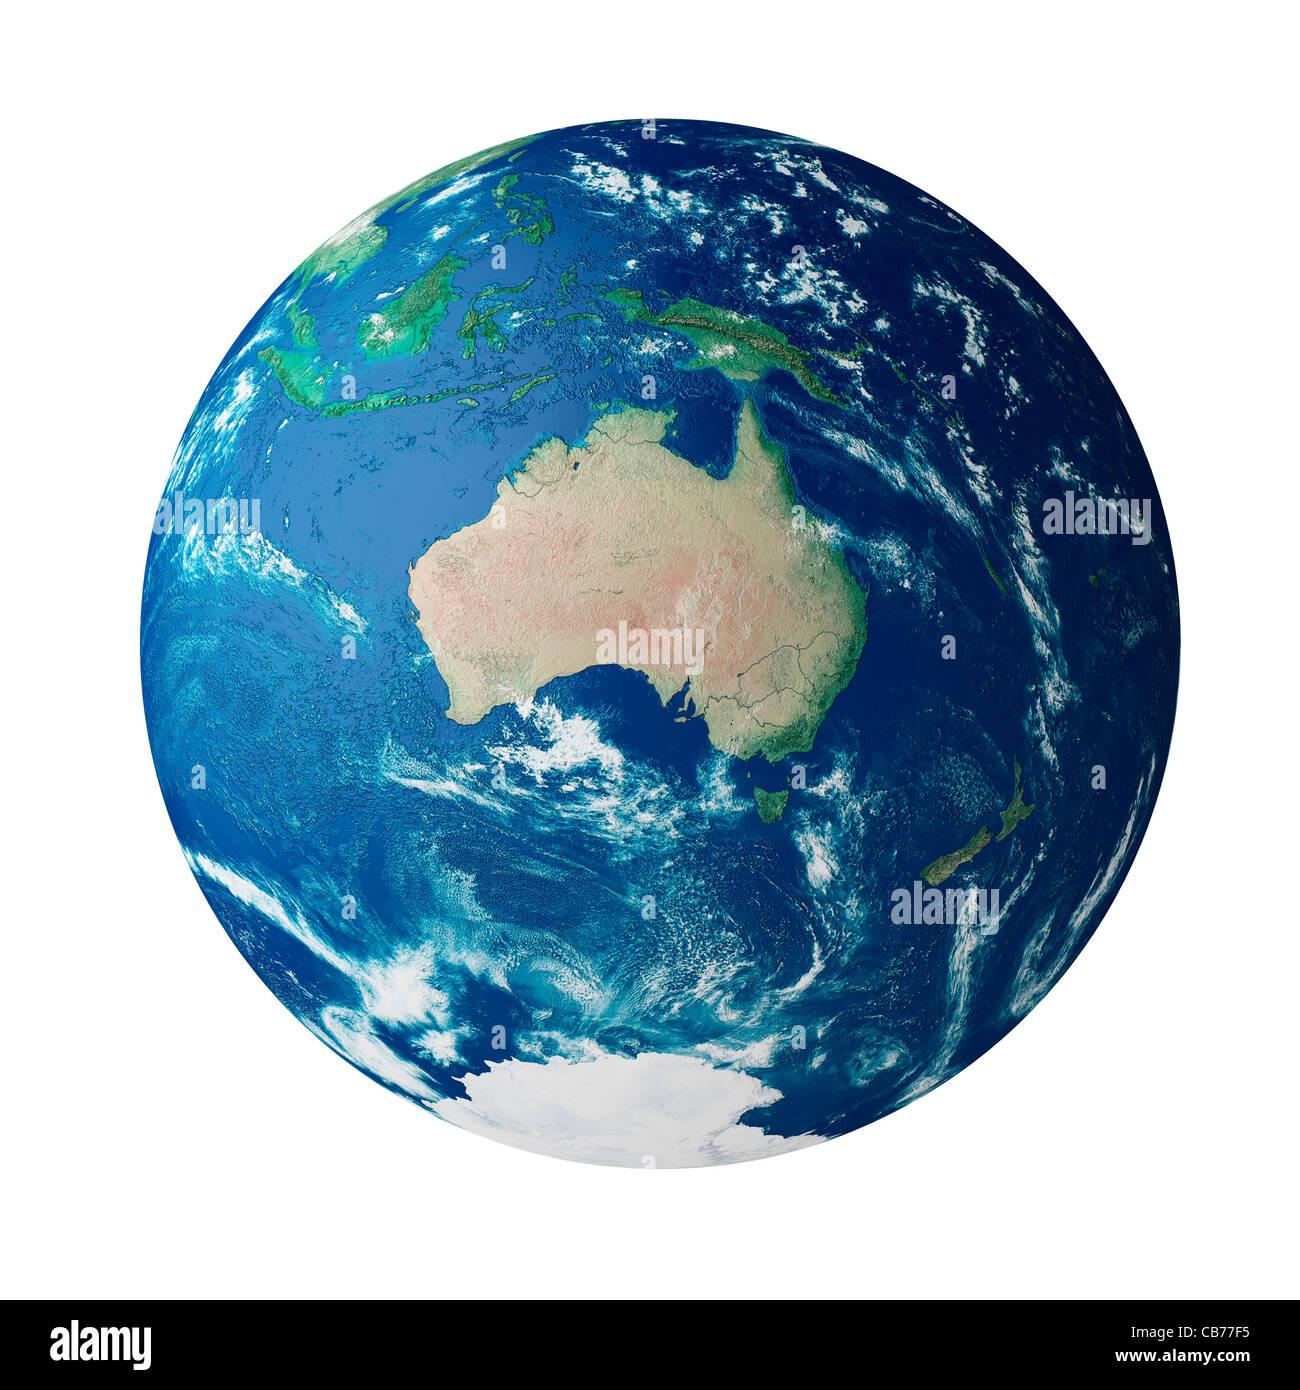 Mundo mostrando el continente de Australia en el planeta tierra Imagen De Stock